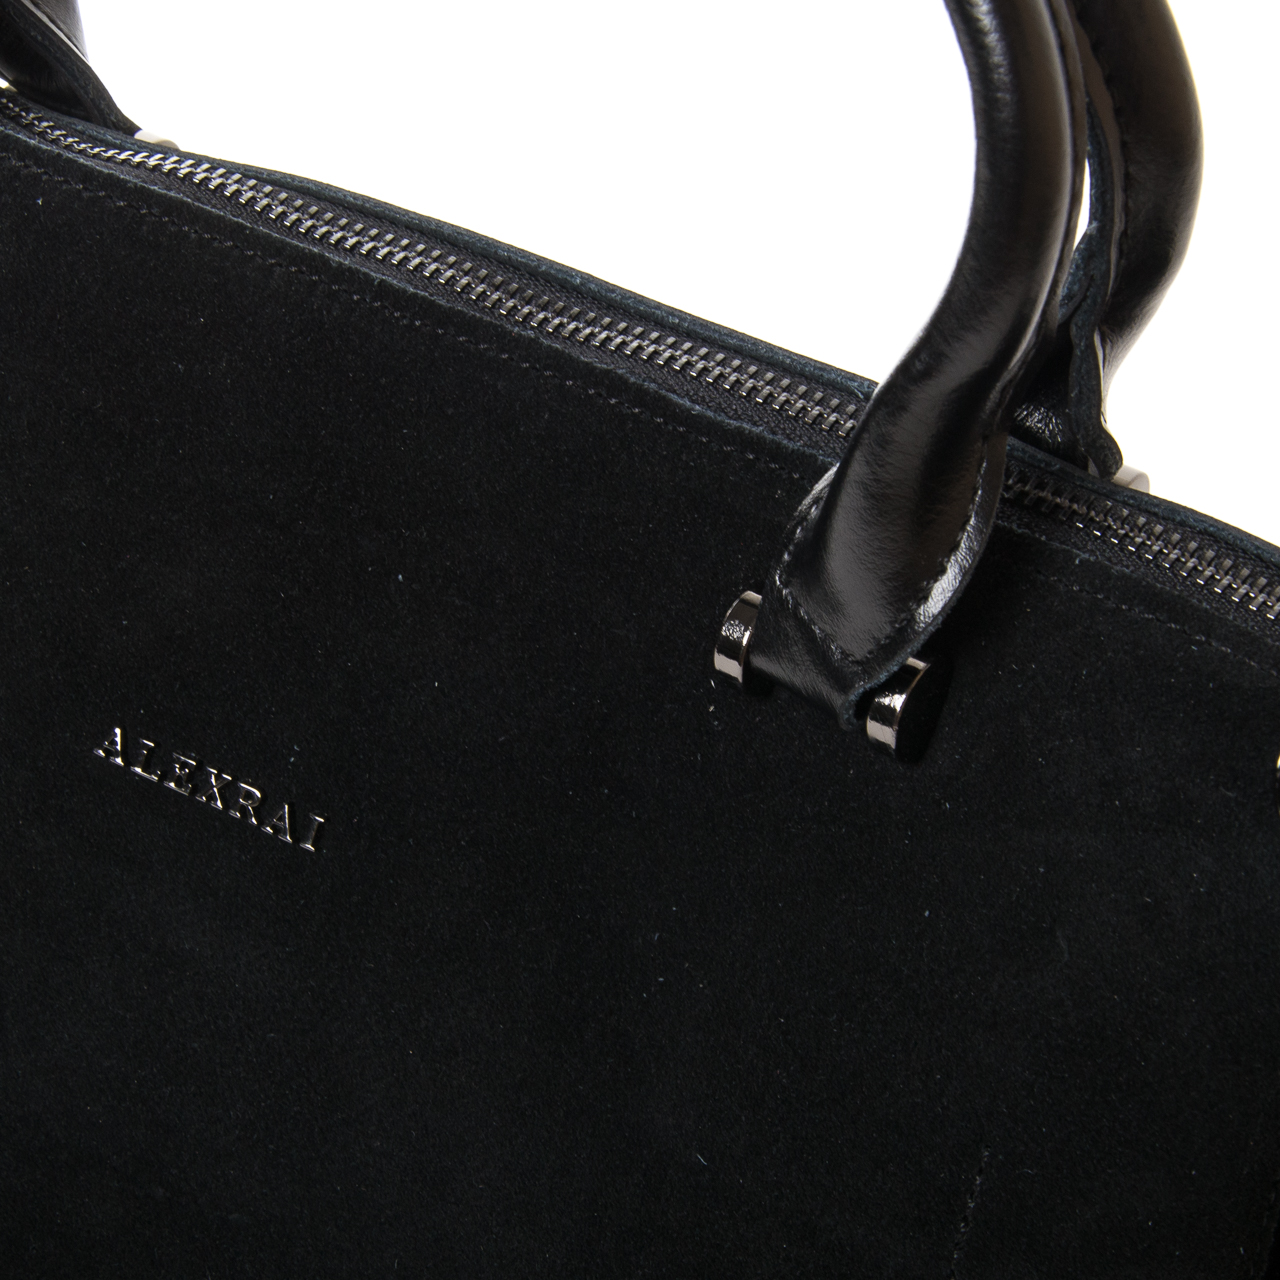 Сумка Женская Классическая замш ALEX RAI 9-03 8542 black